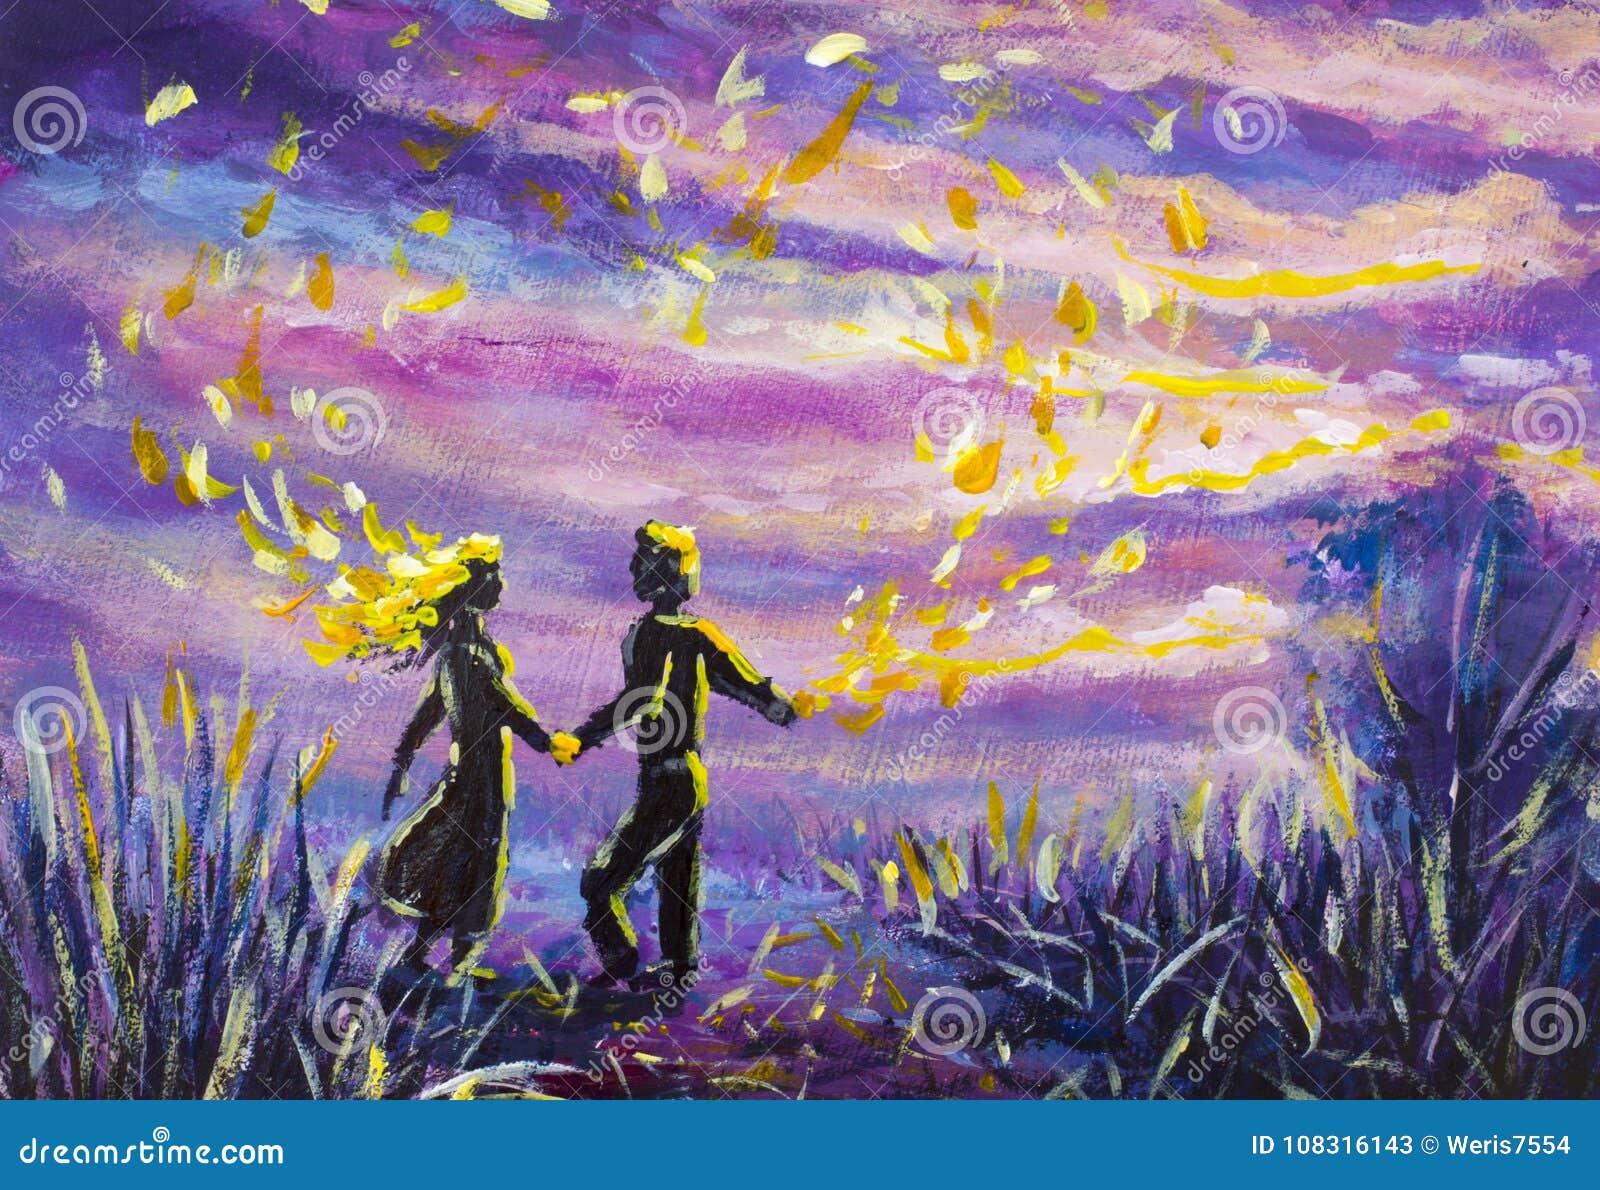 L'homme Et La Femme Originaux D'abrégé Sur Peinture Dansent Sur Le Coucher  Du Soleil Nuit, Nature, Paysage, Ciel étoilé Pourpre, Illustration Stock -  Illustration du paysage, étoilé: 108316143